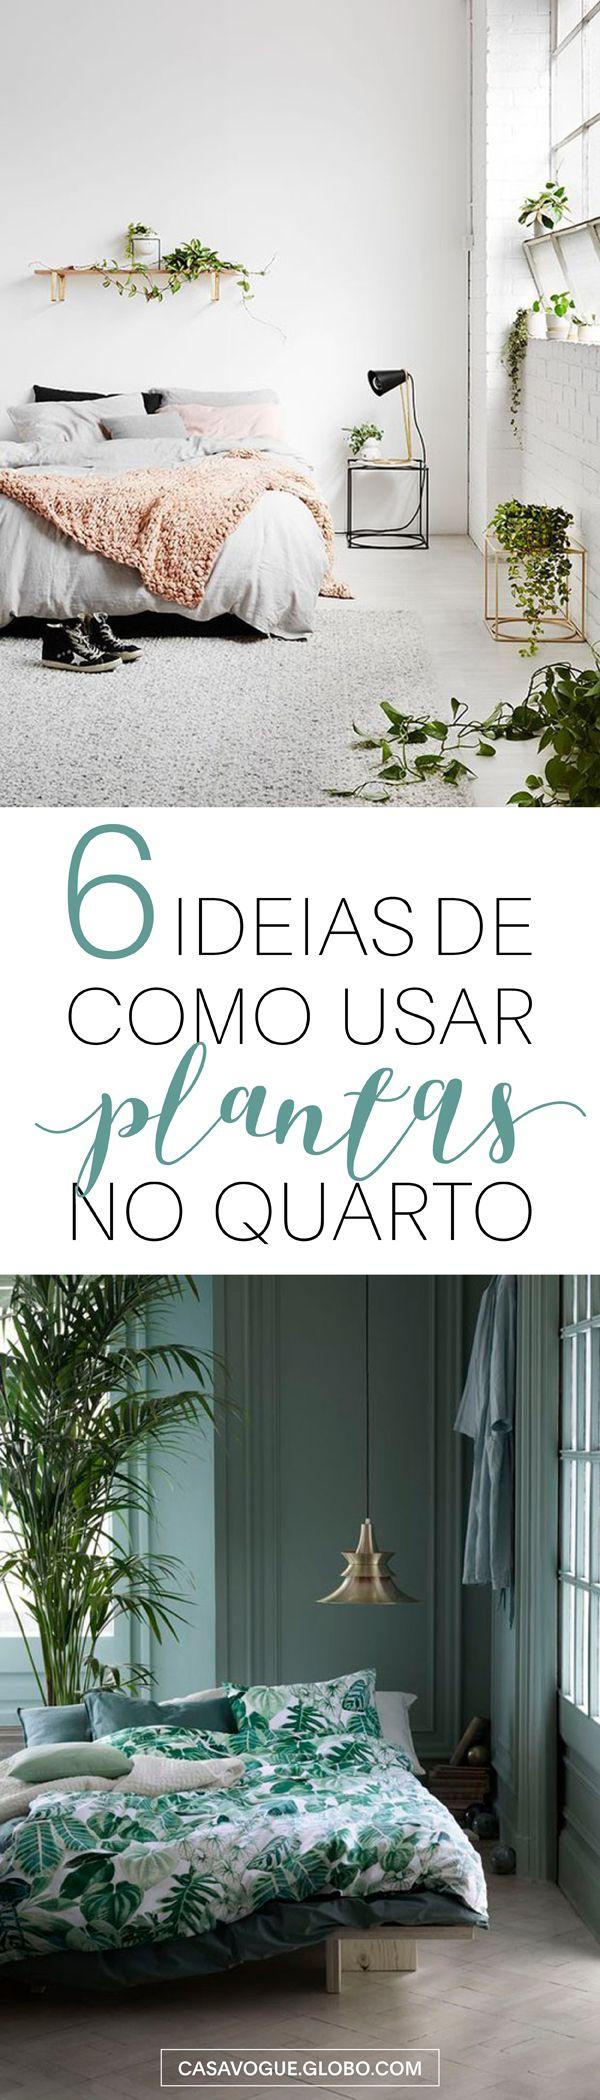 Quartos decorados com plantas! Descubra as espécies ideais